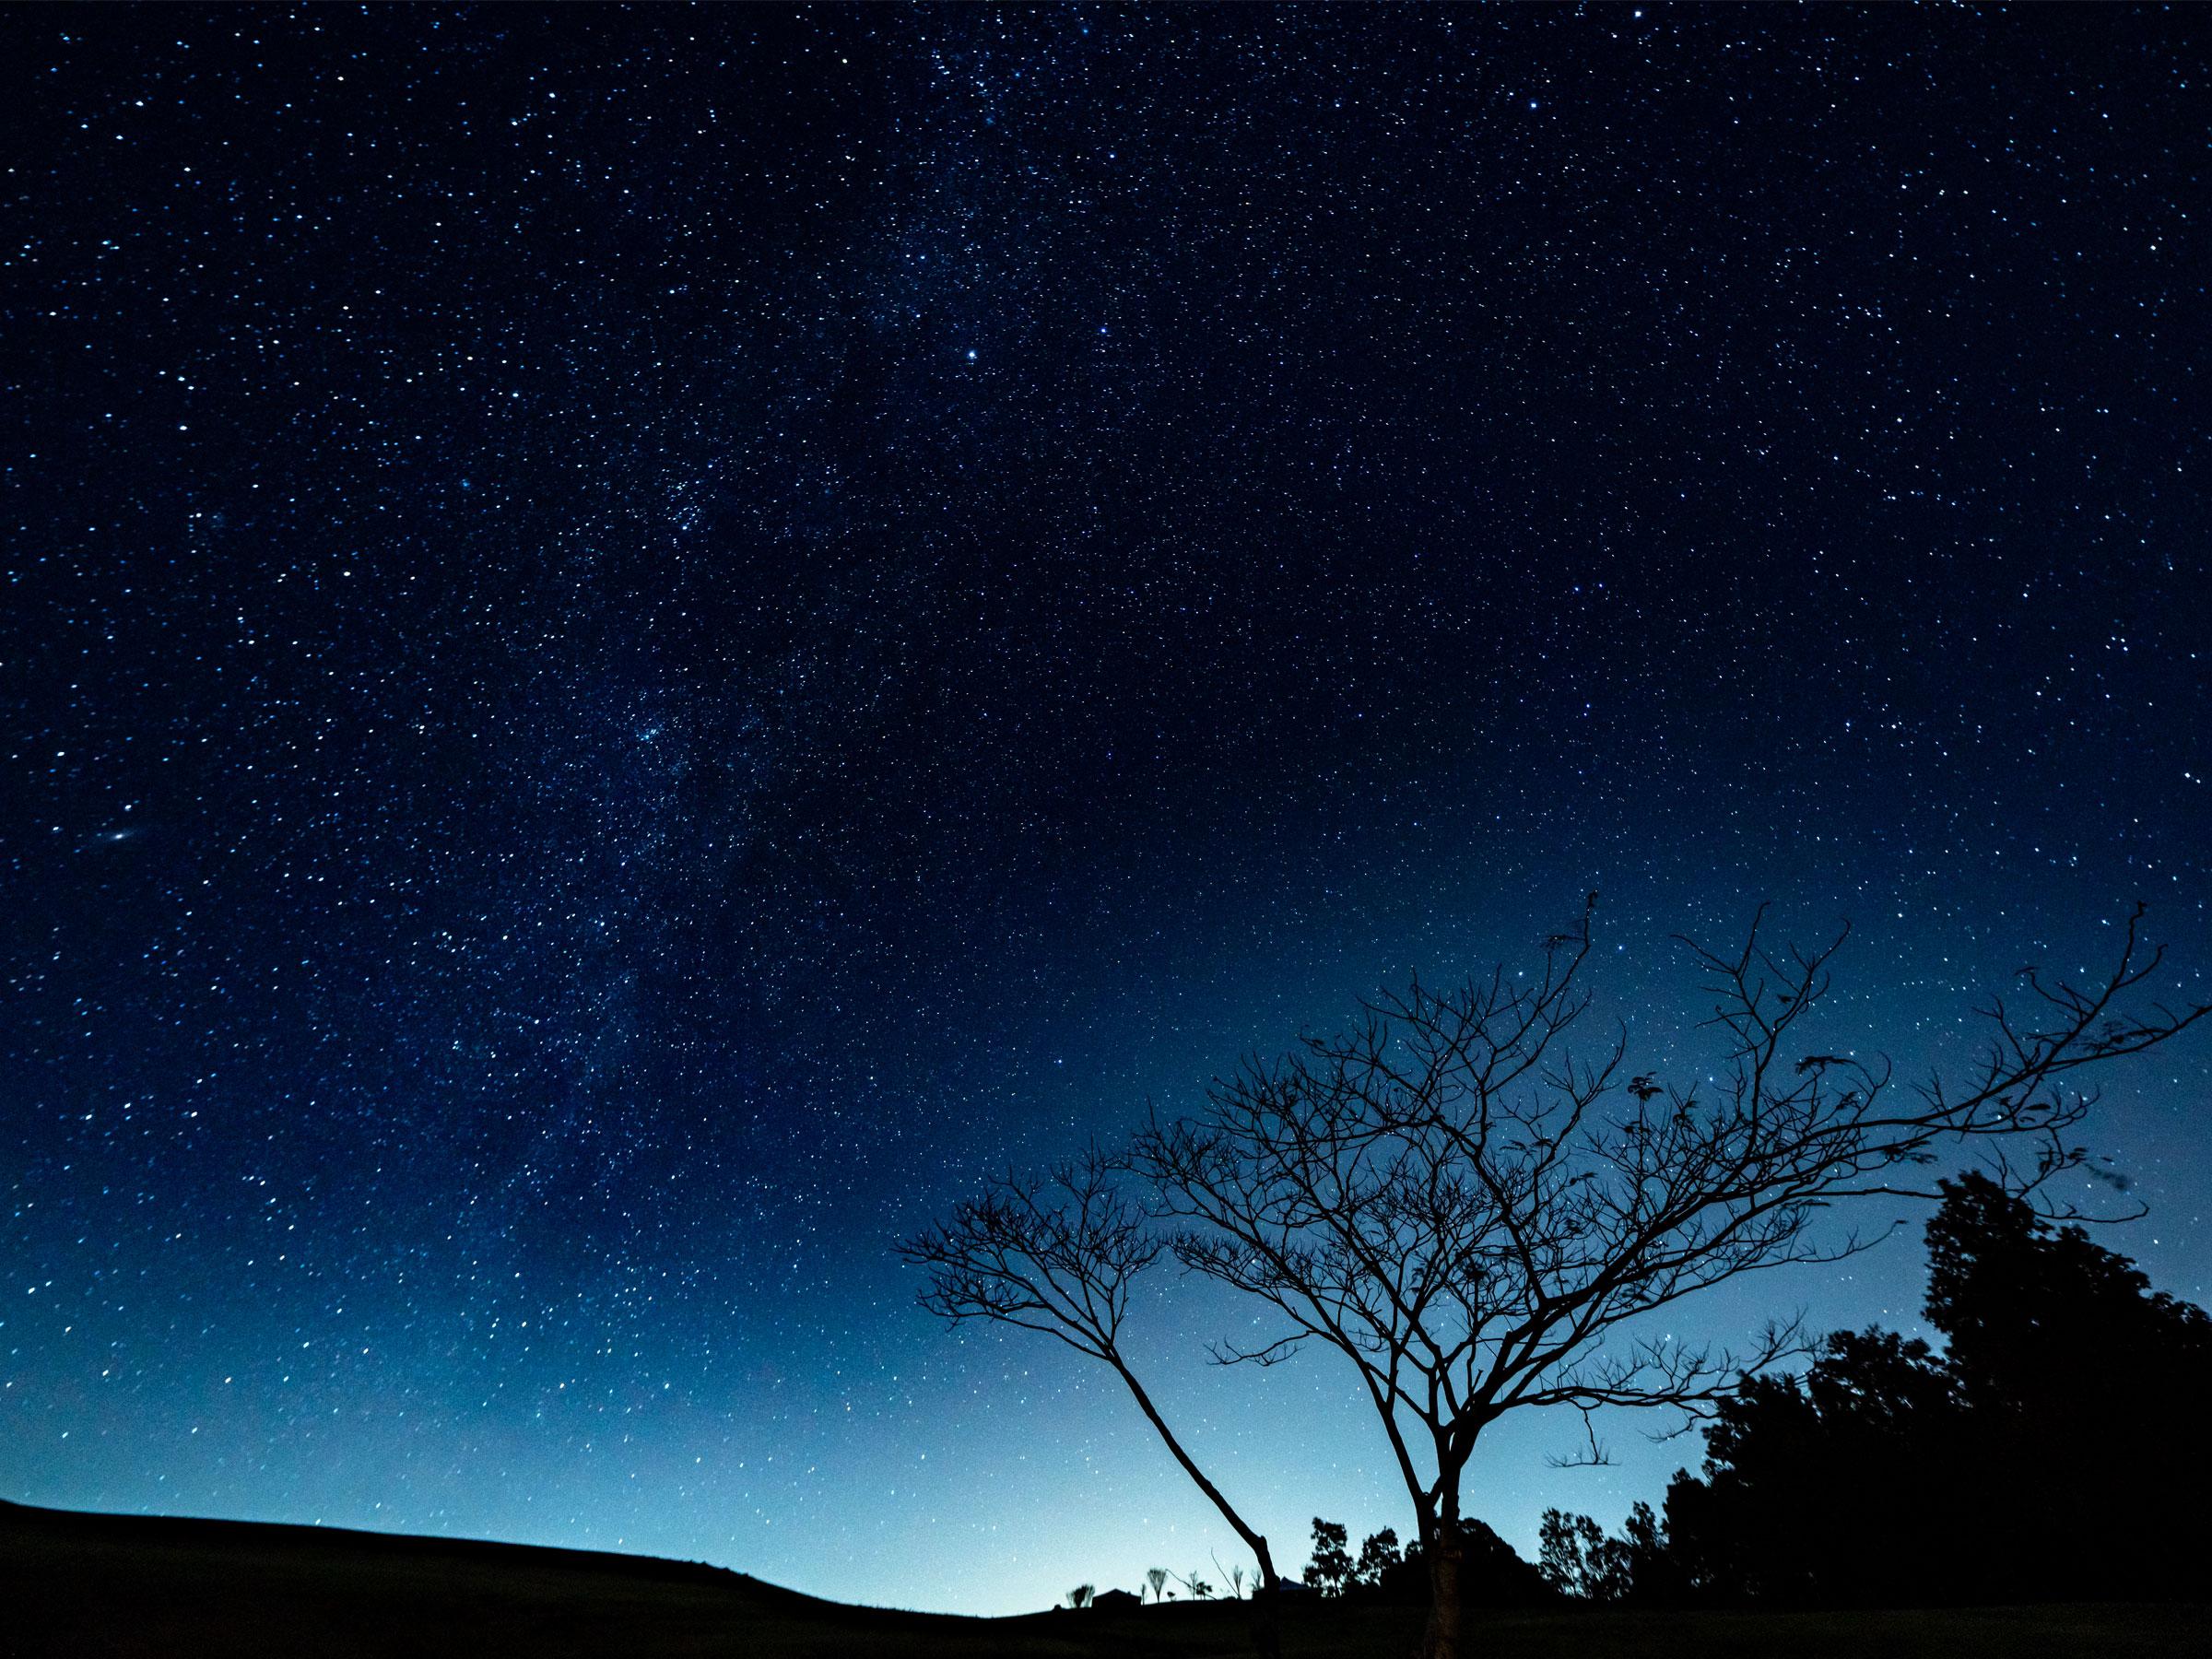 【三重県】夏の絶景・風物詩5選 夏の夜空に広がる幻想的な天の川